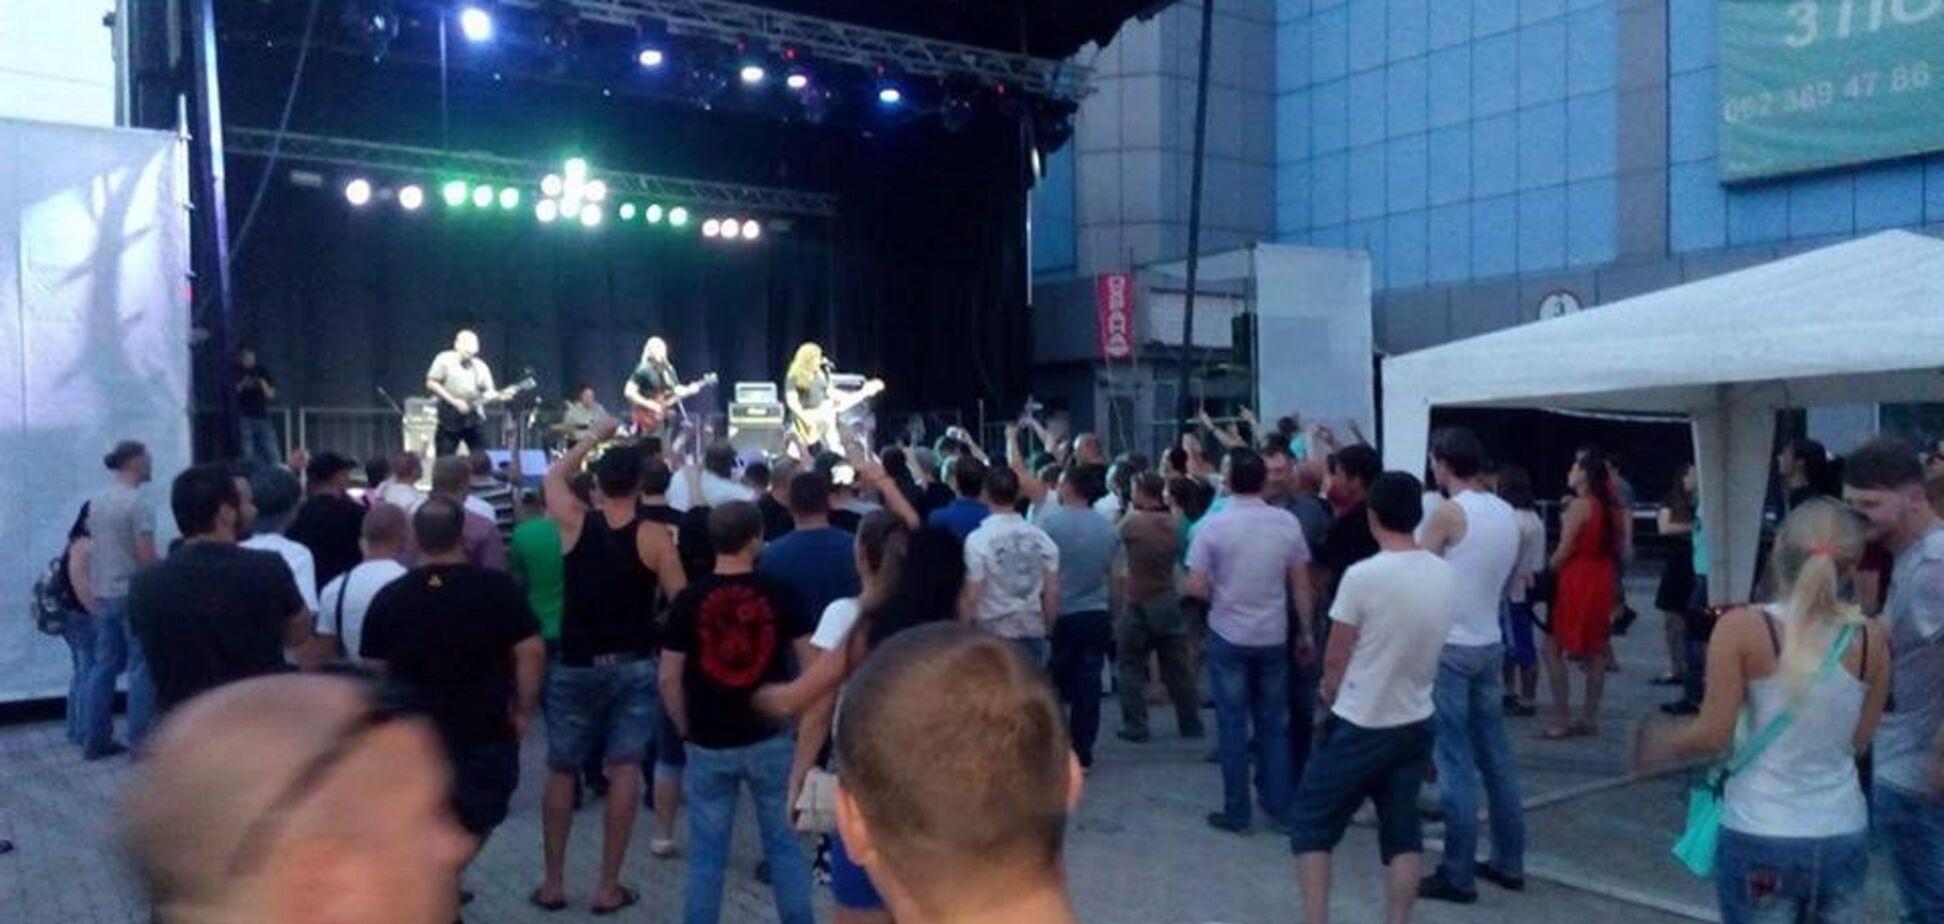 'Культуру не пропьешь': в захваченном Донецке феерически выступили рокеры из России